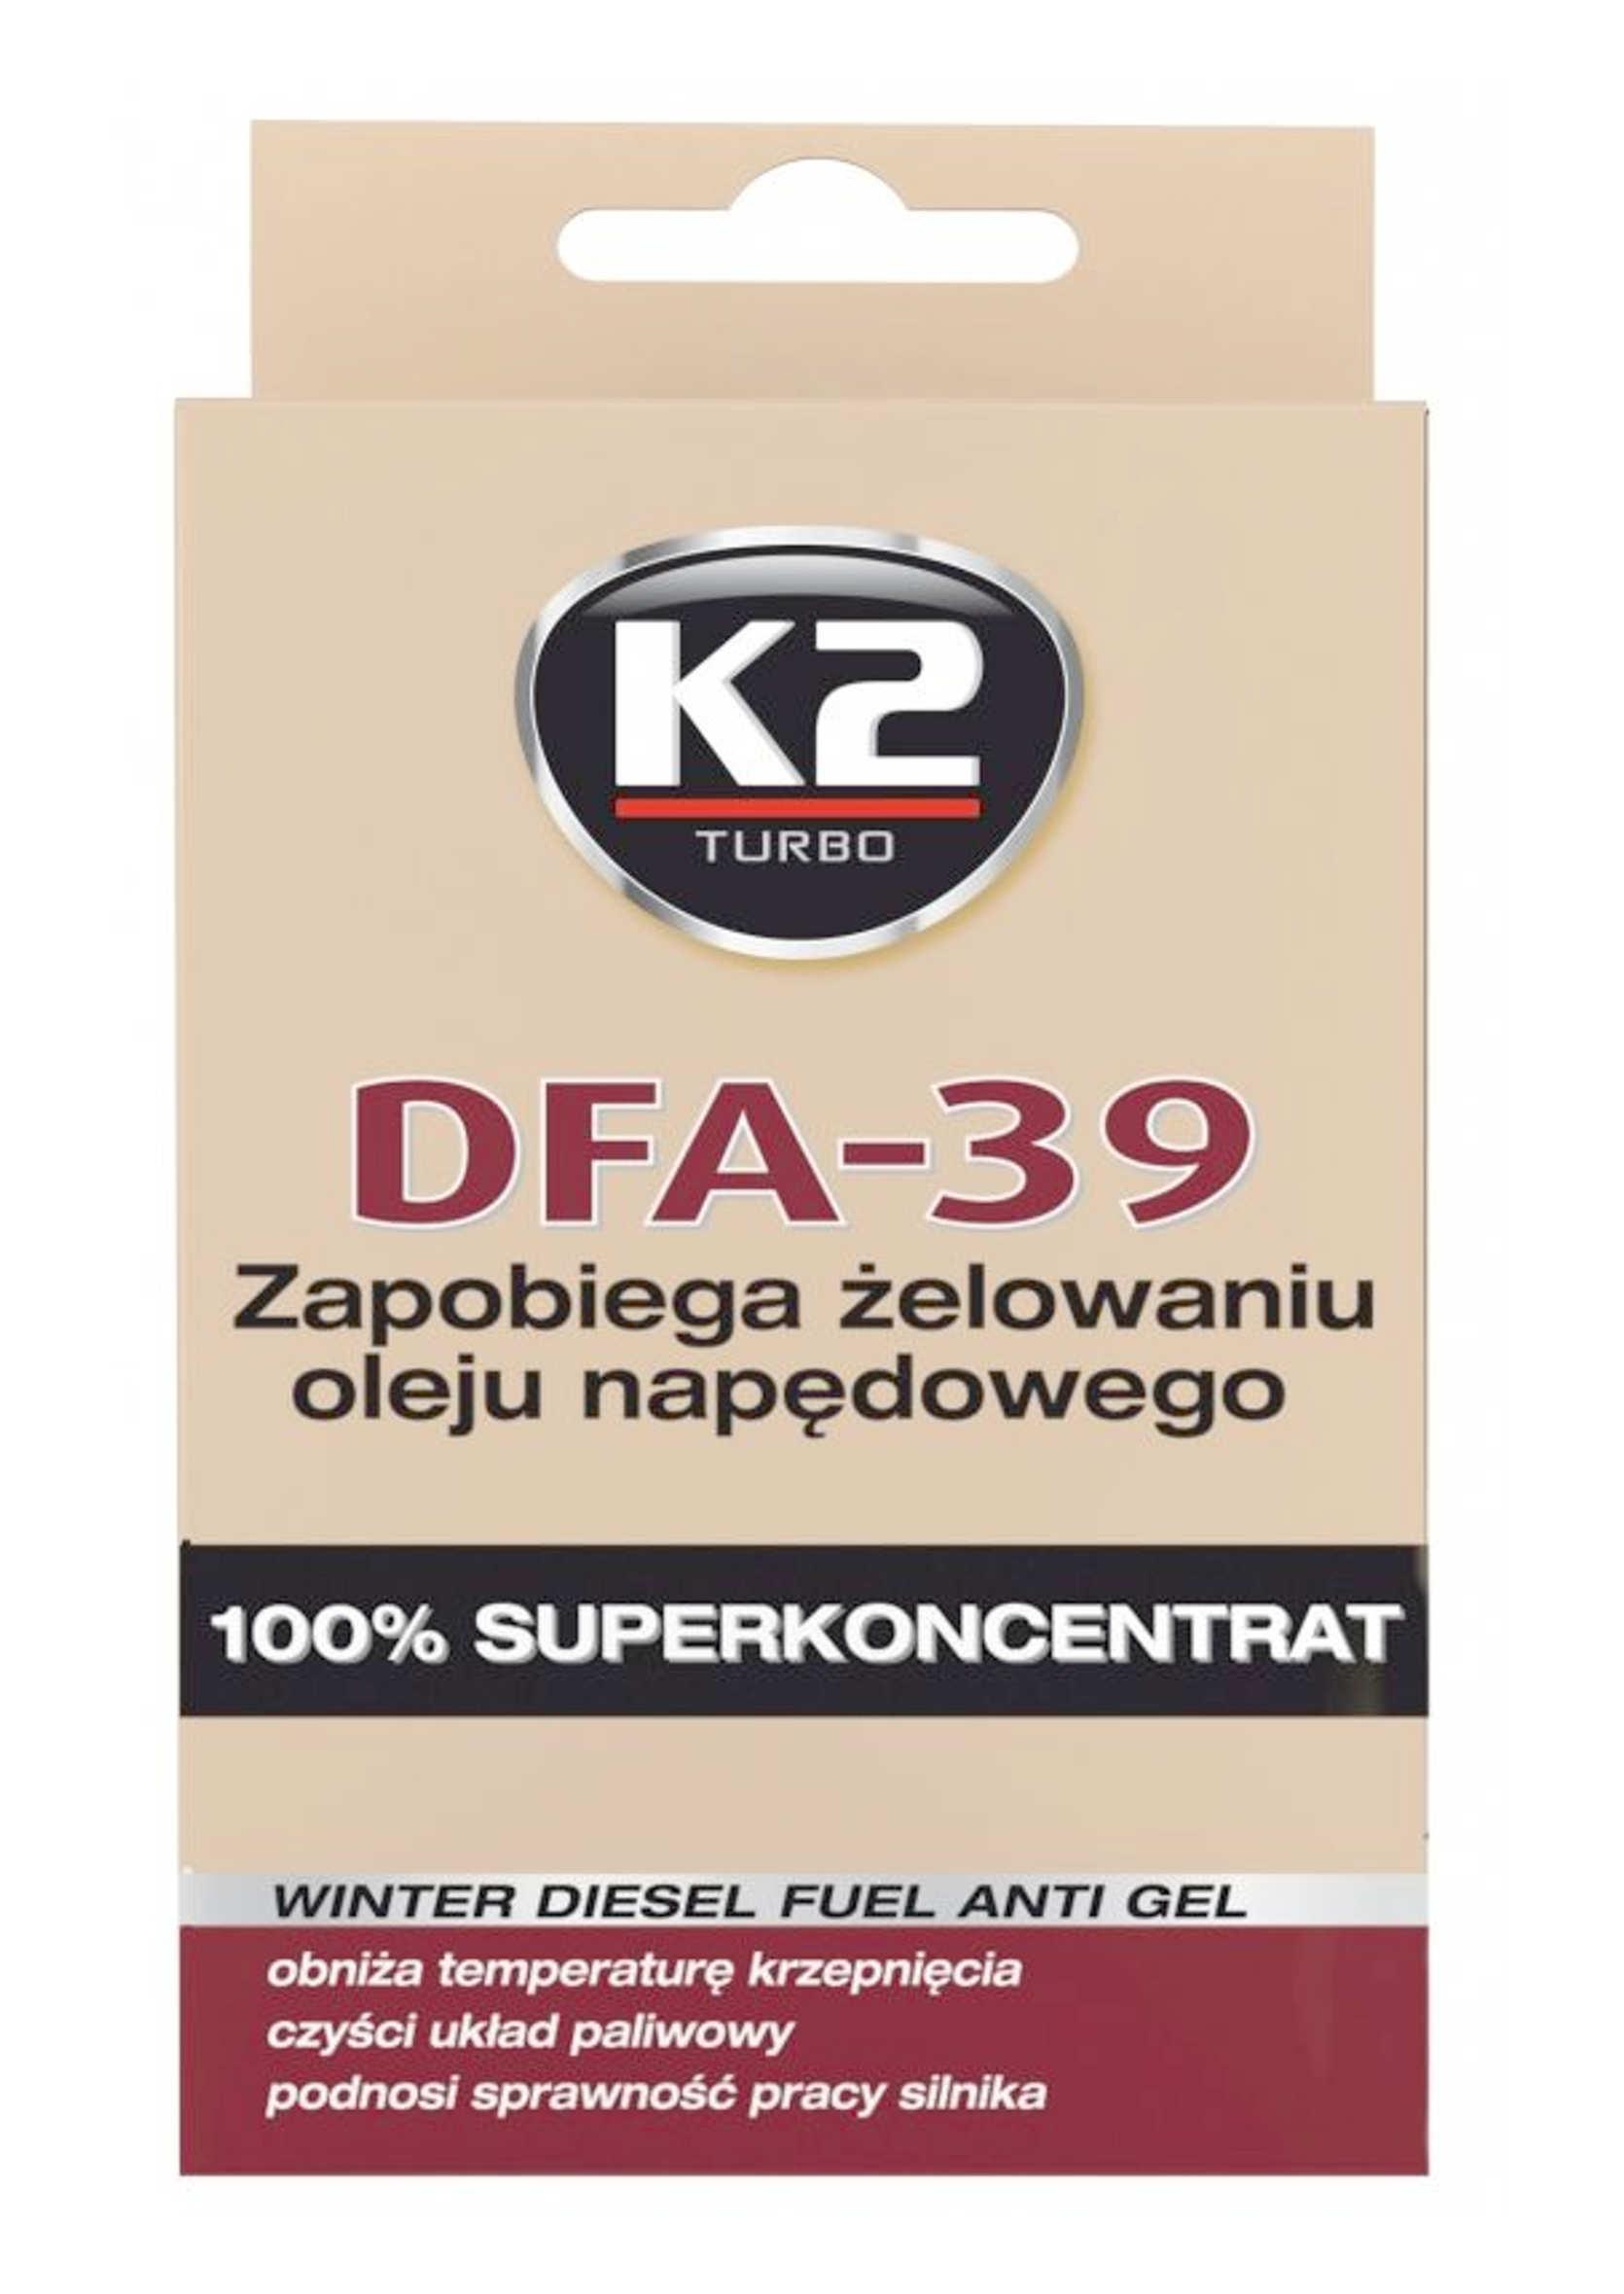 K2 DFA -39C 50ml Depresator Dodatek do Diesla Przeciw Żelowaniu ON